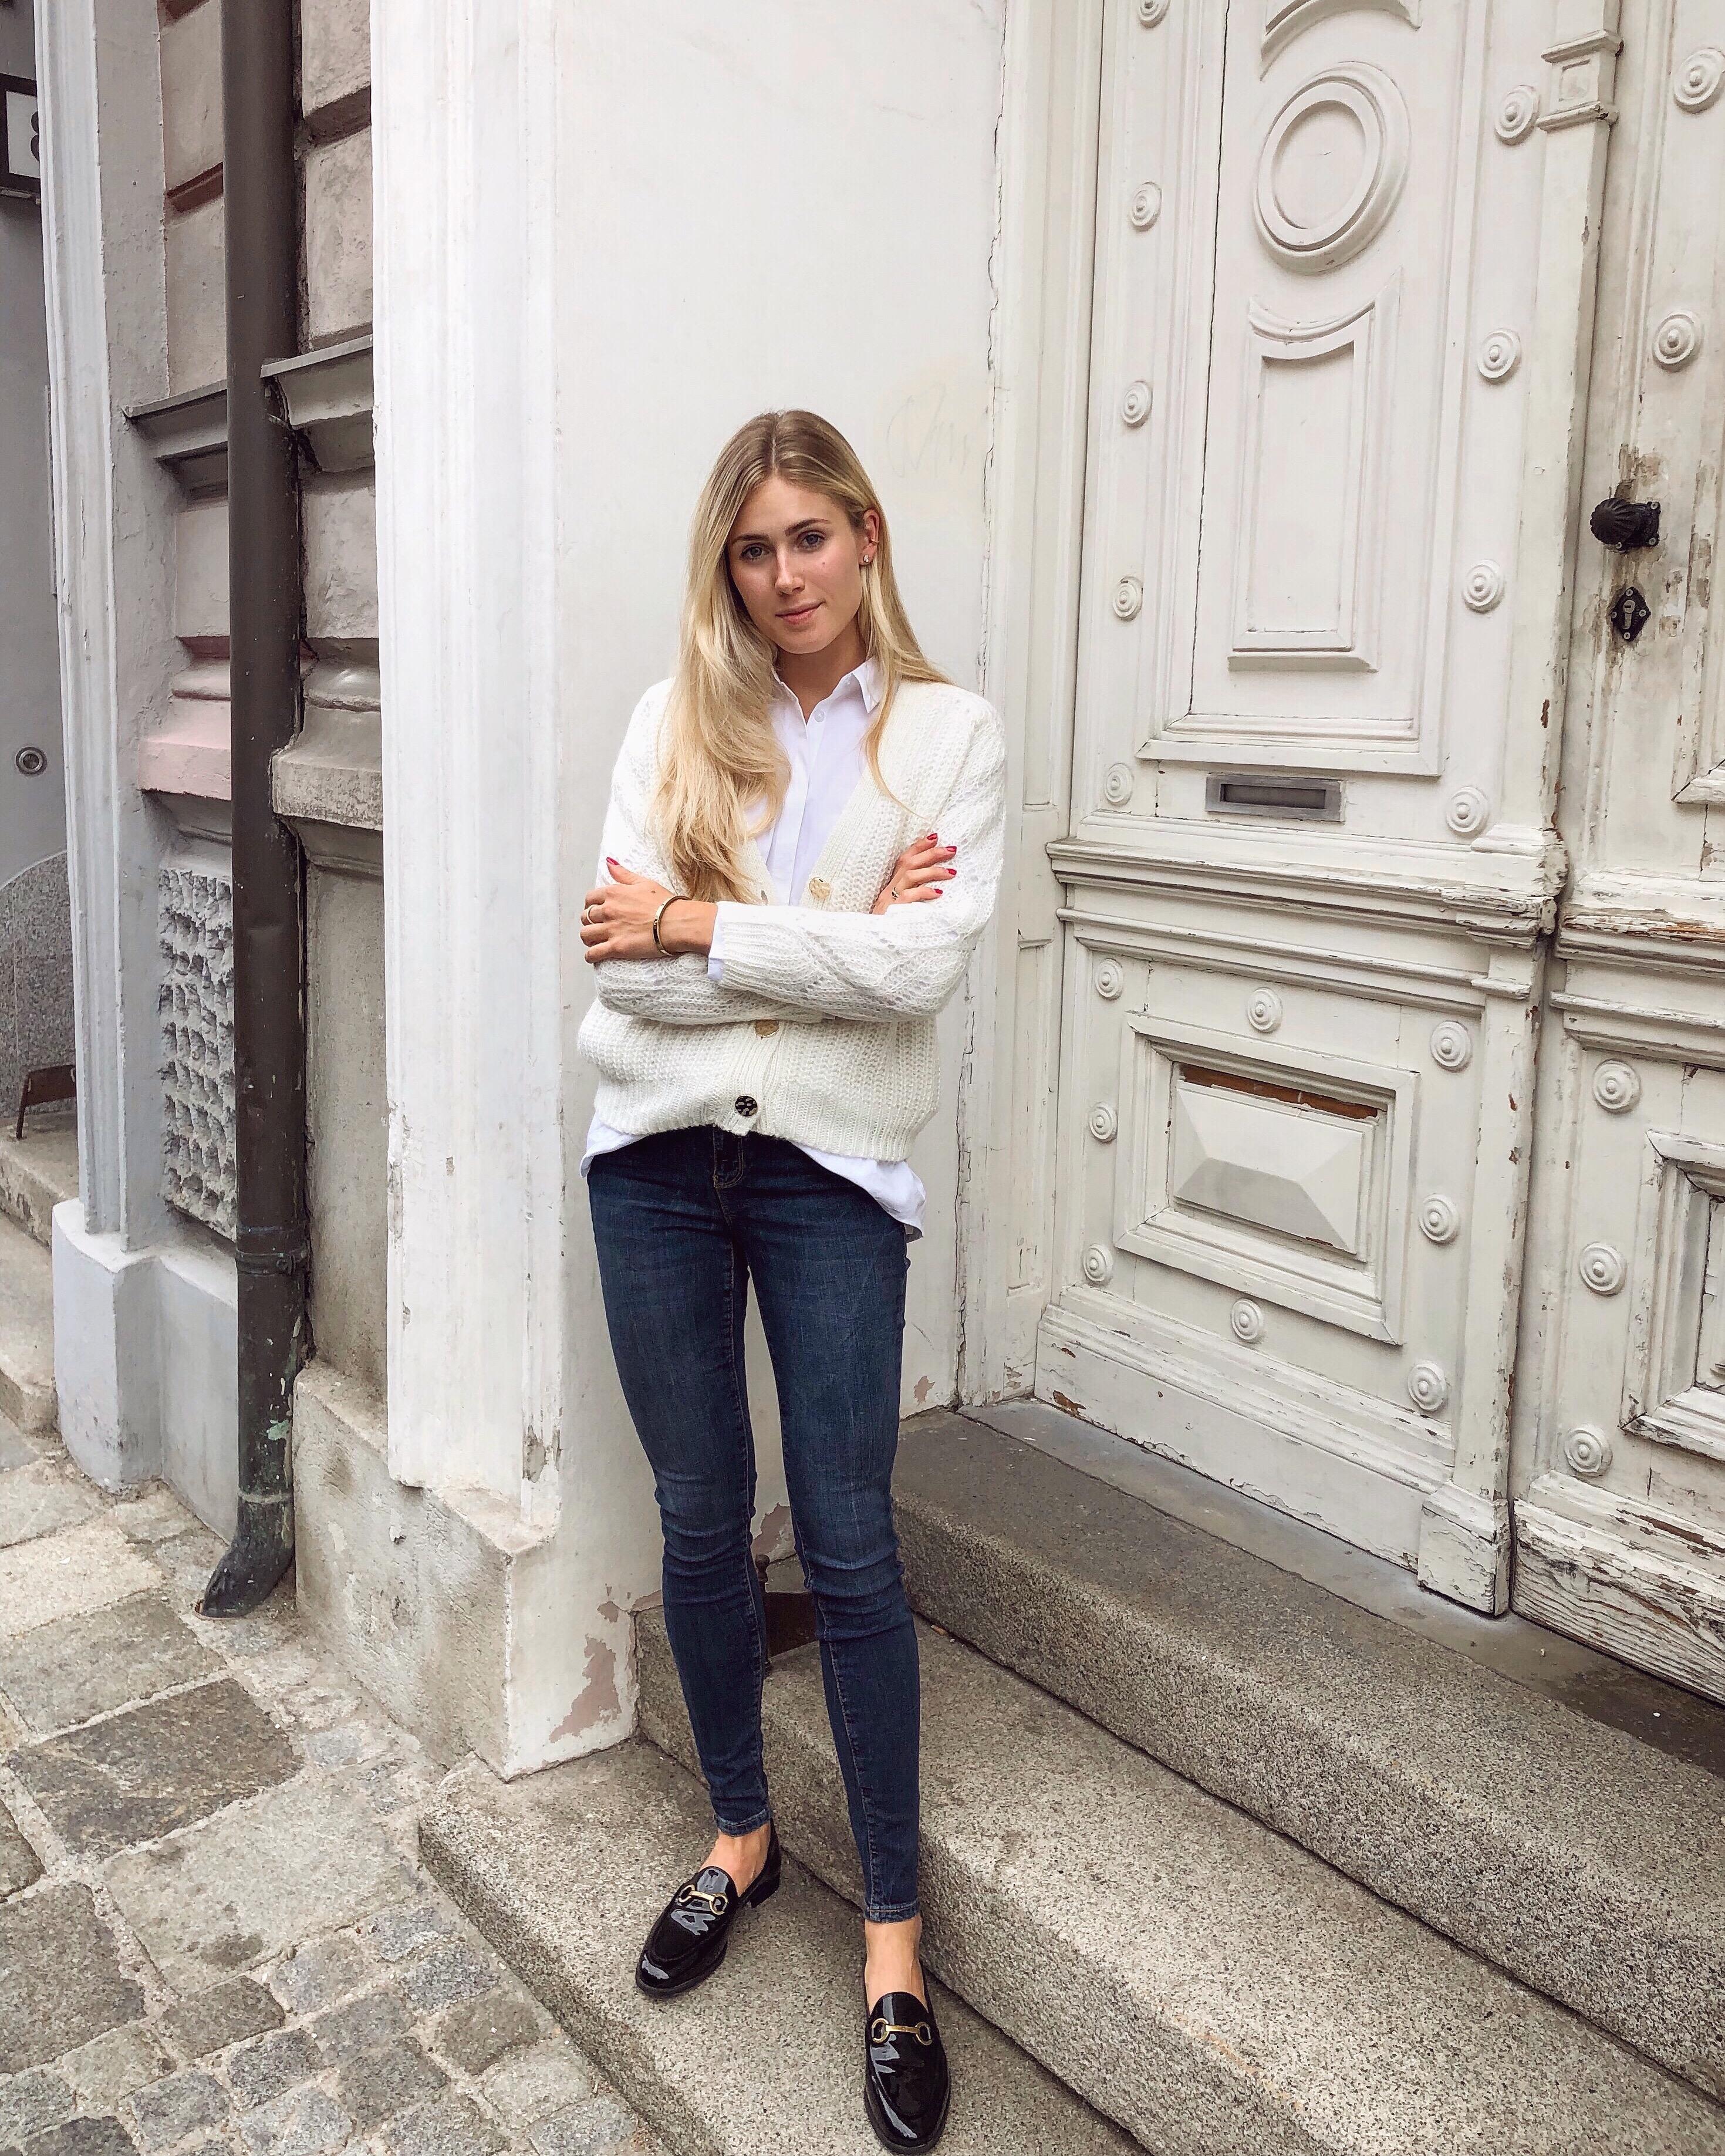 Instagram Outfits #9 auf dem österreichischen Lifestyle Blog Bits and Bobs by Eva. Mehr Fashion & Mode auf www.bitsandbobsbyeva.com